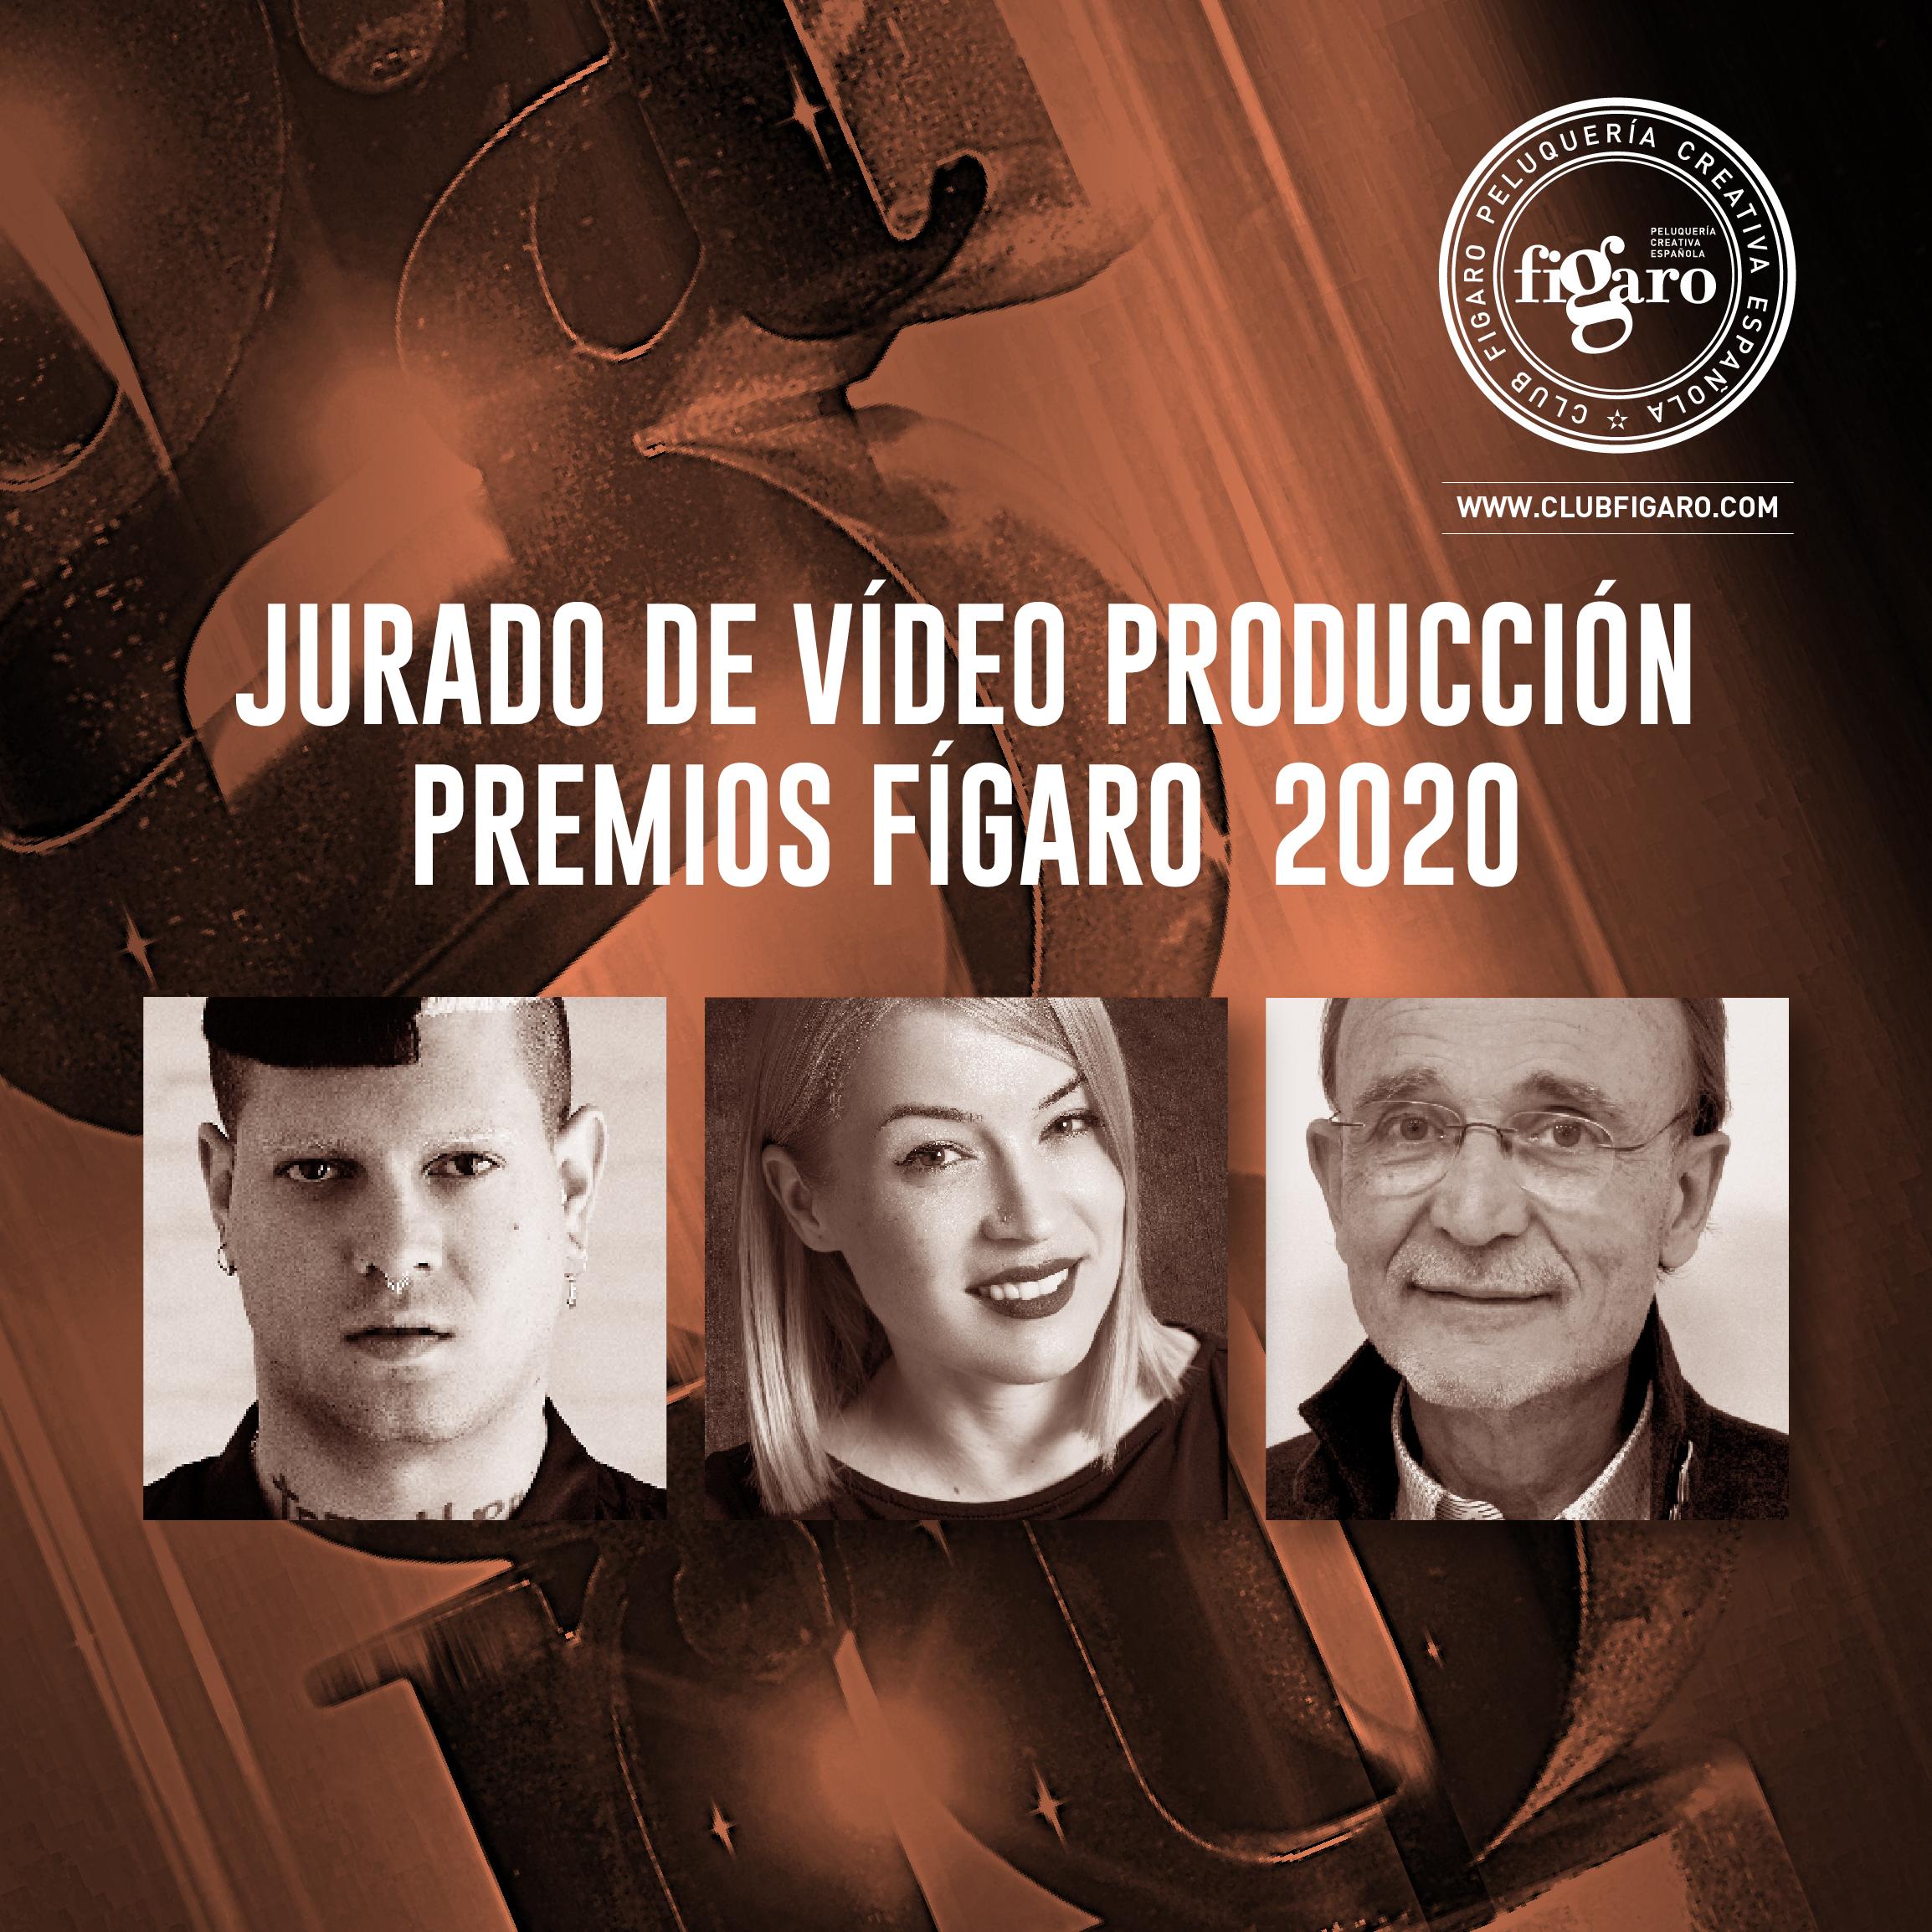 Jurado de vídeo producción premios Fígaro